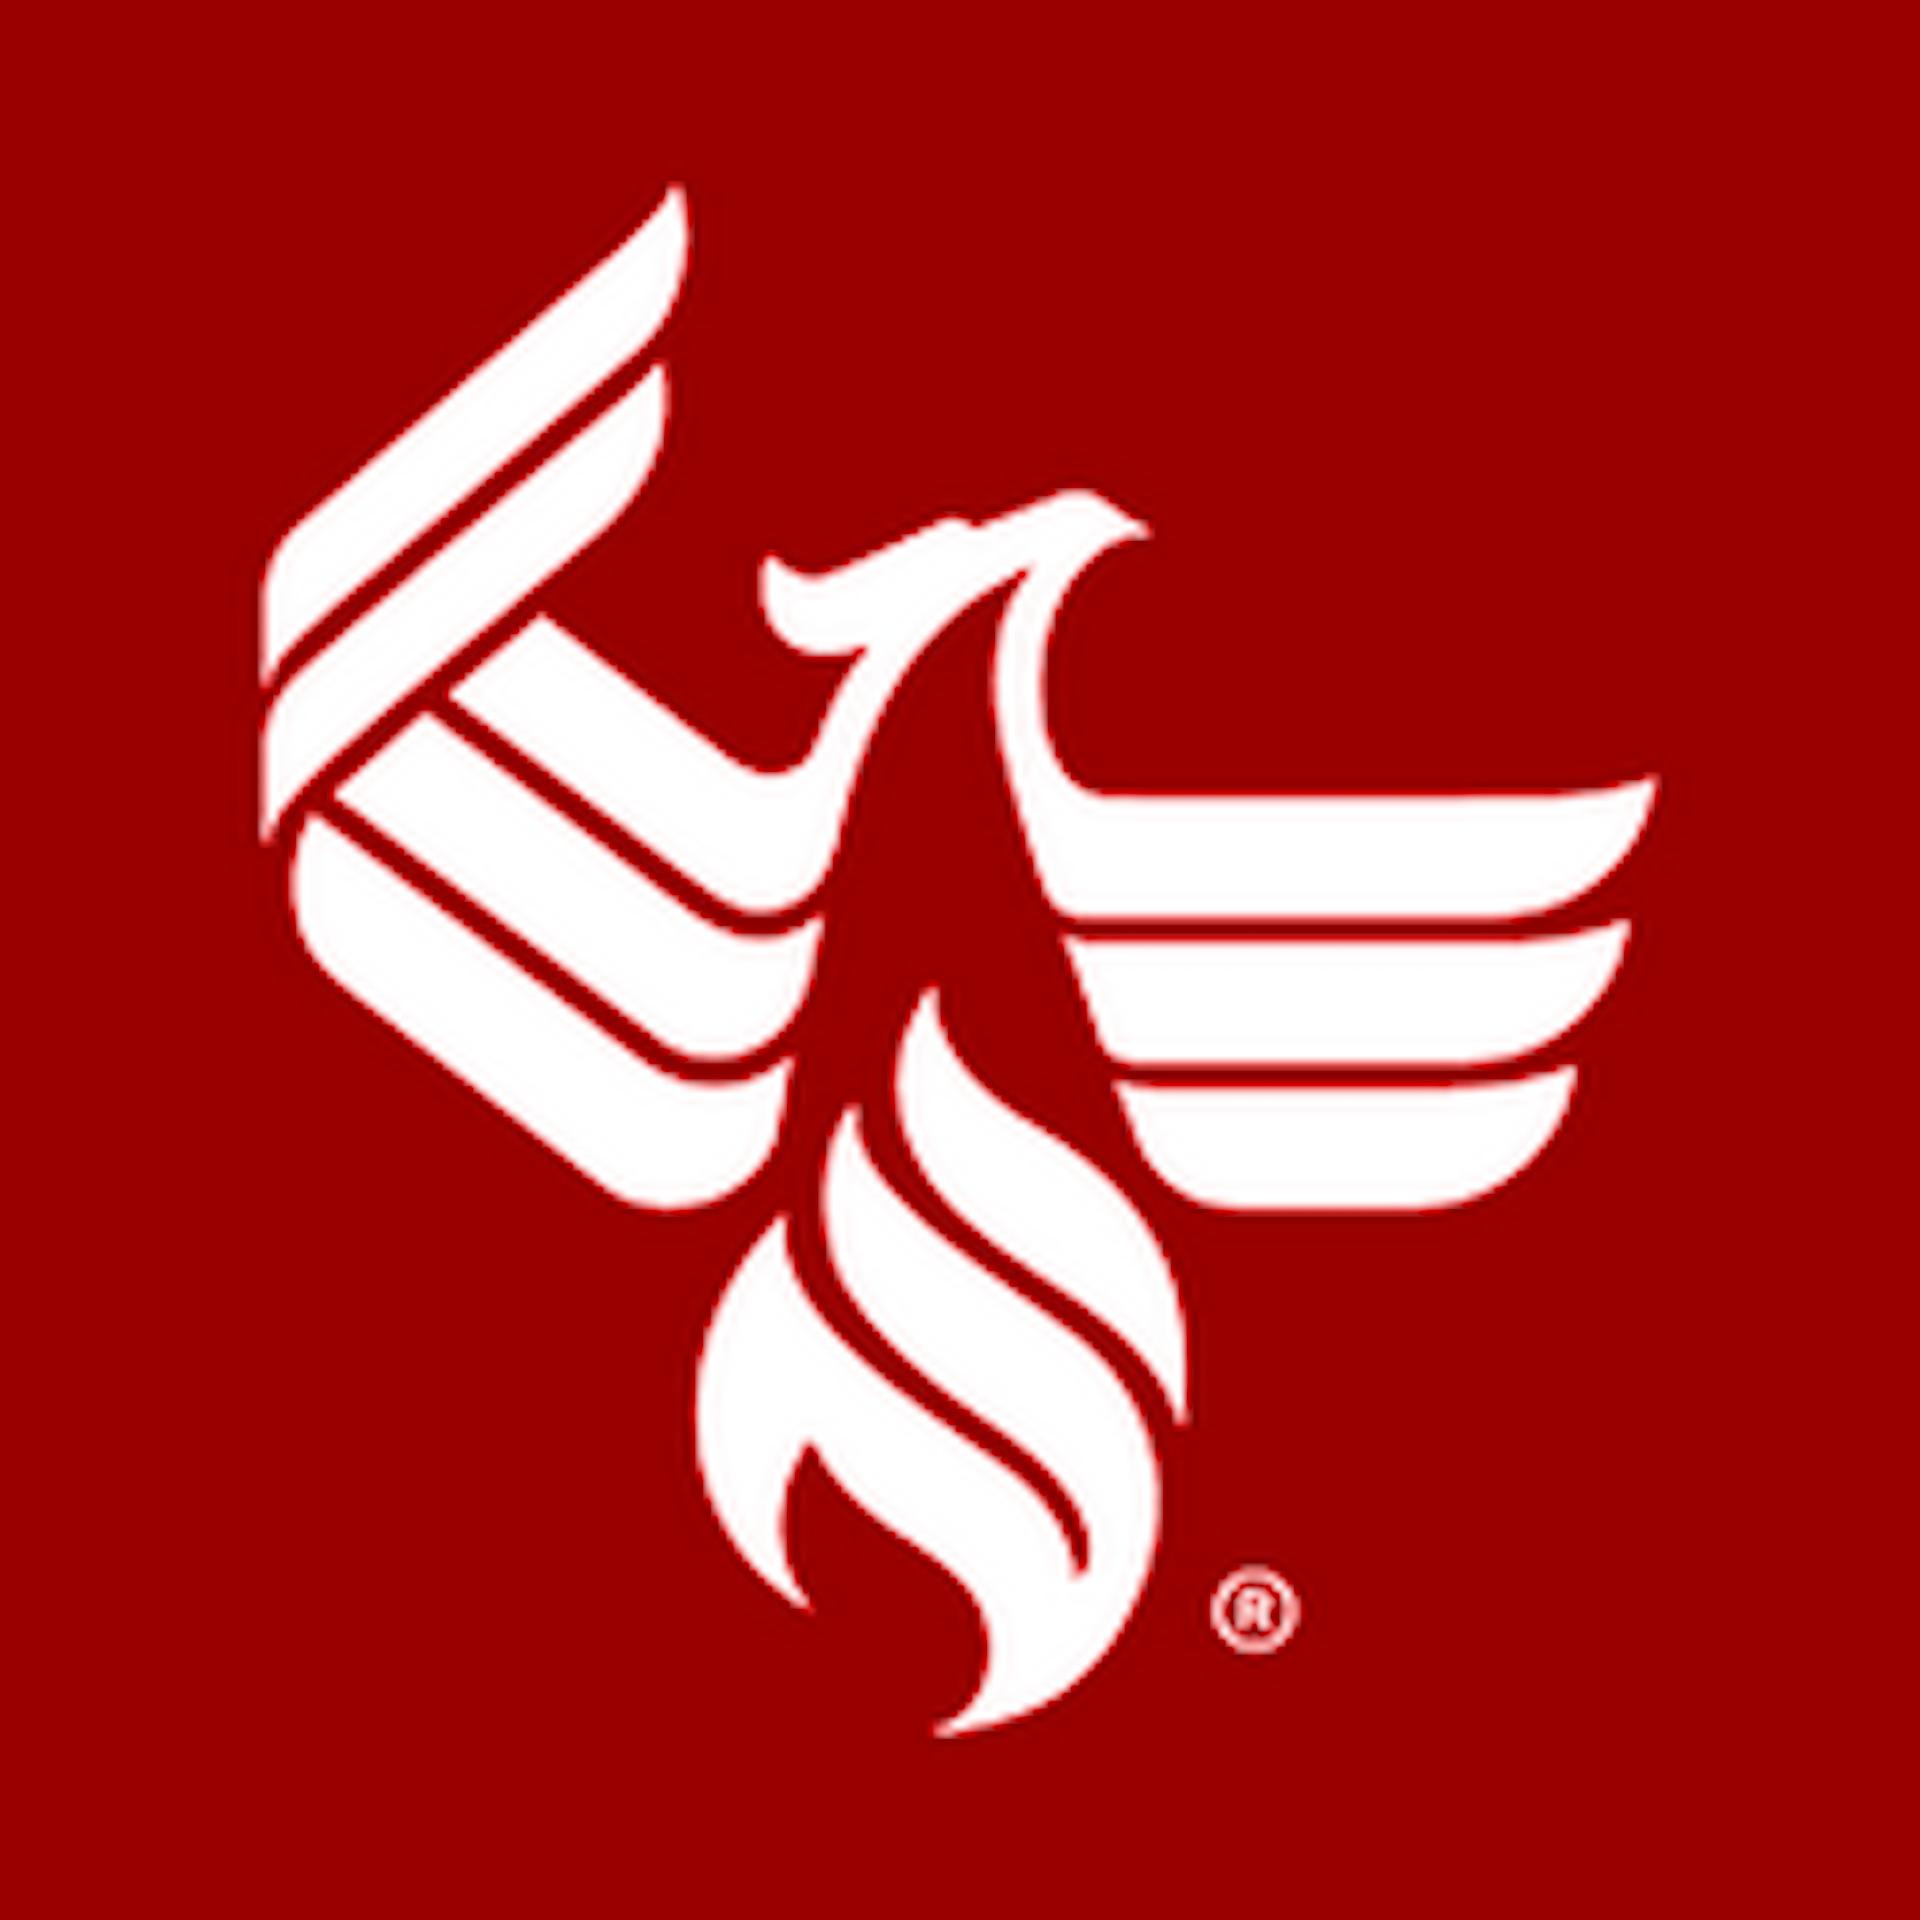 Logo 1457565315.jpg?ixlib=rb 1.1